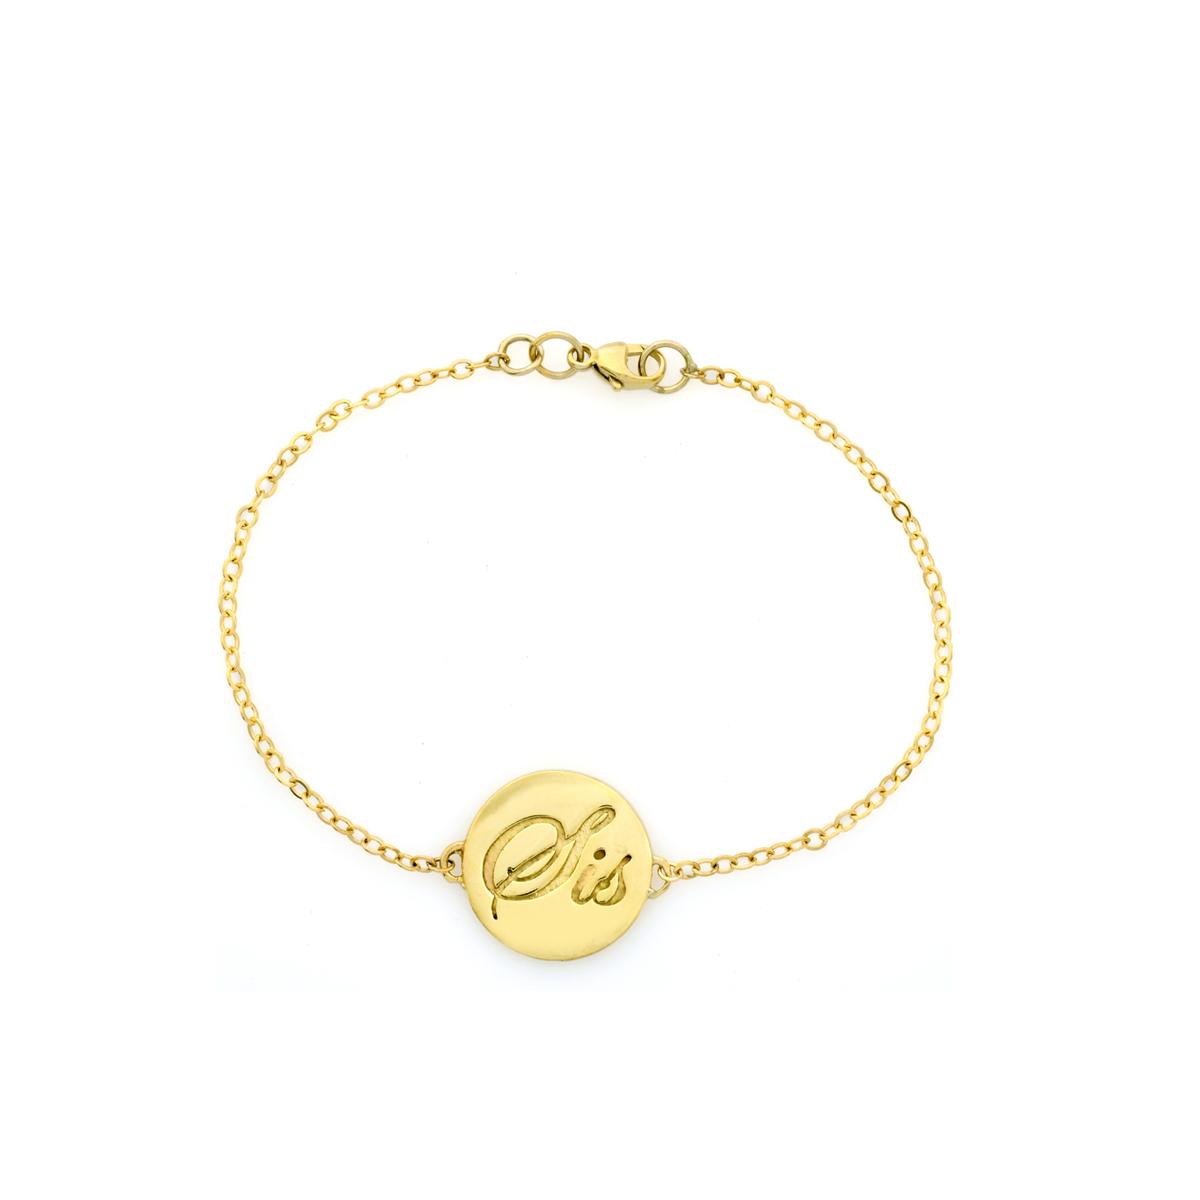 Name engraved gold bracelet